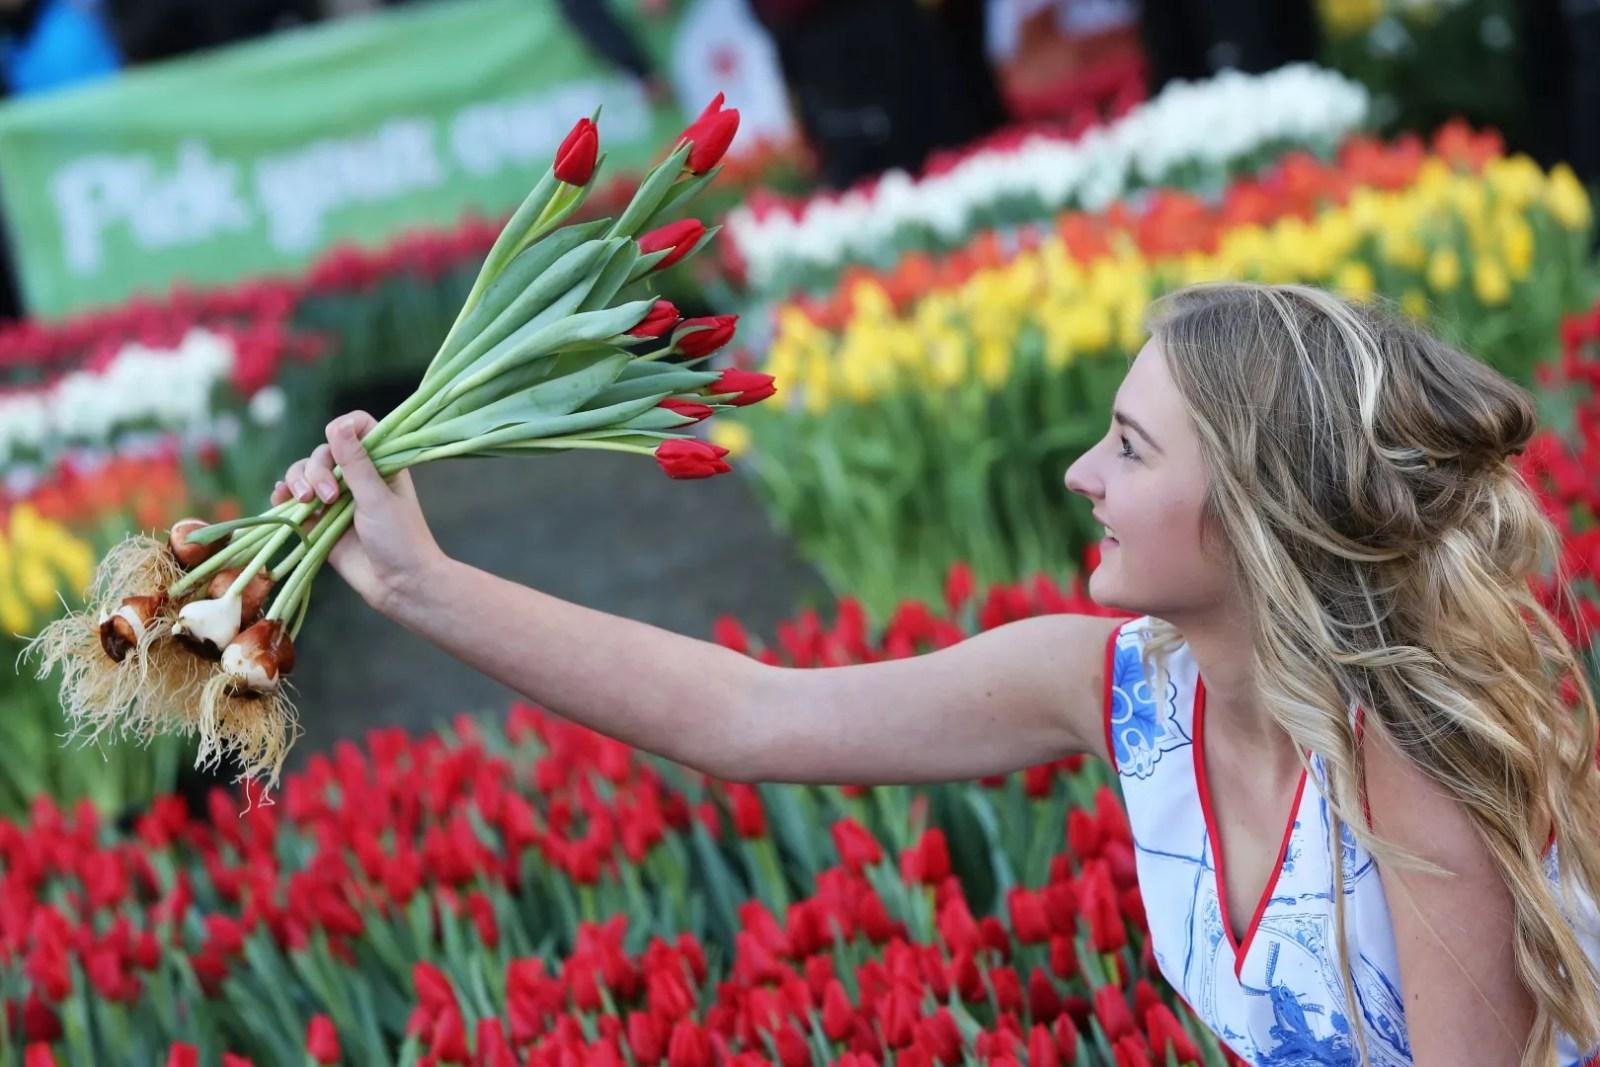 Groen wonen |Tulpen plukken op de Dam - woonblog StijlvolStyling.com